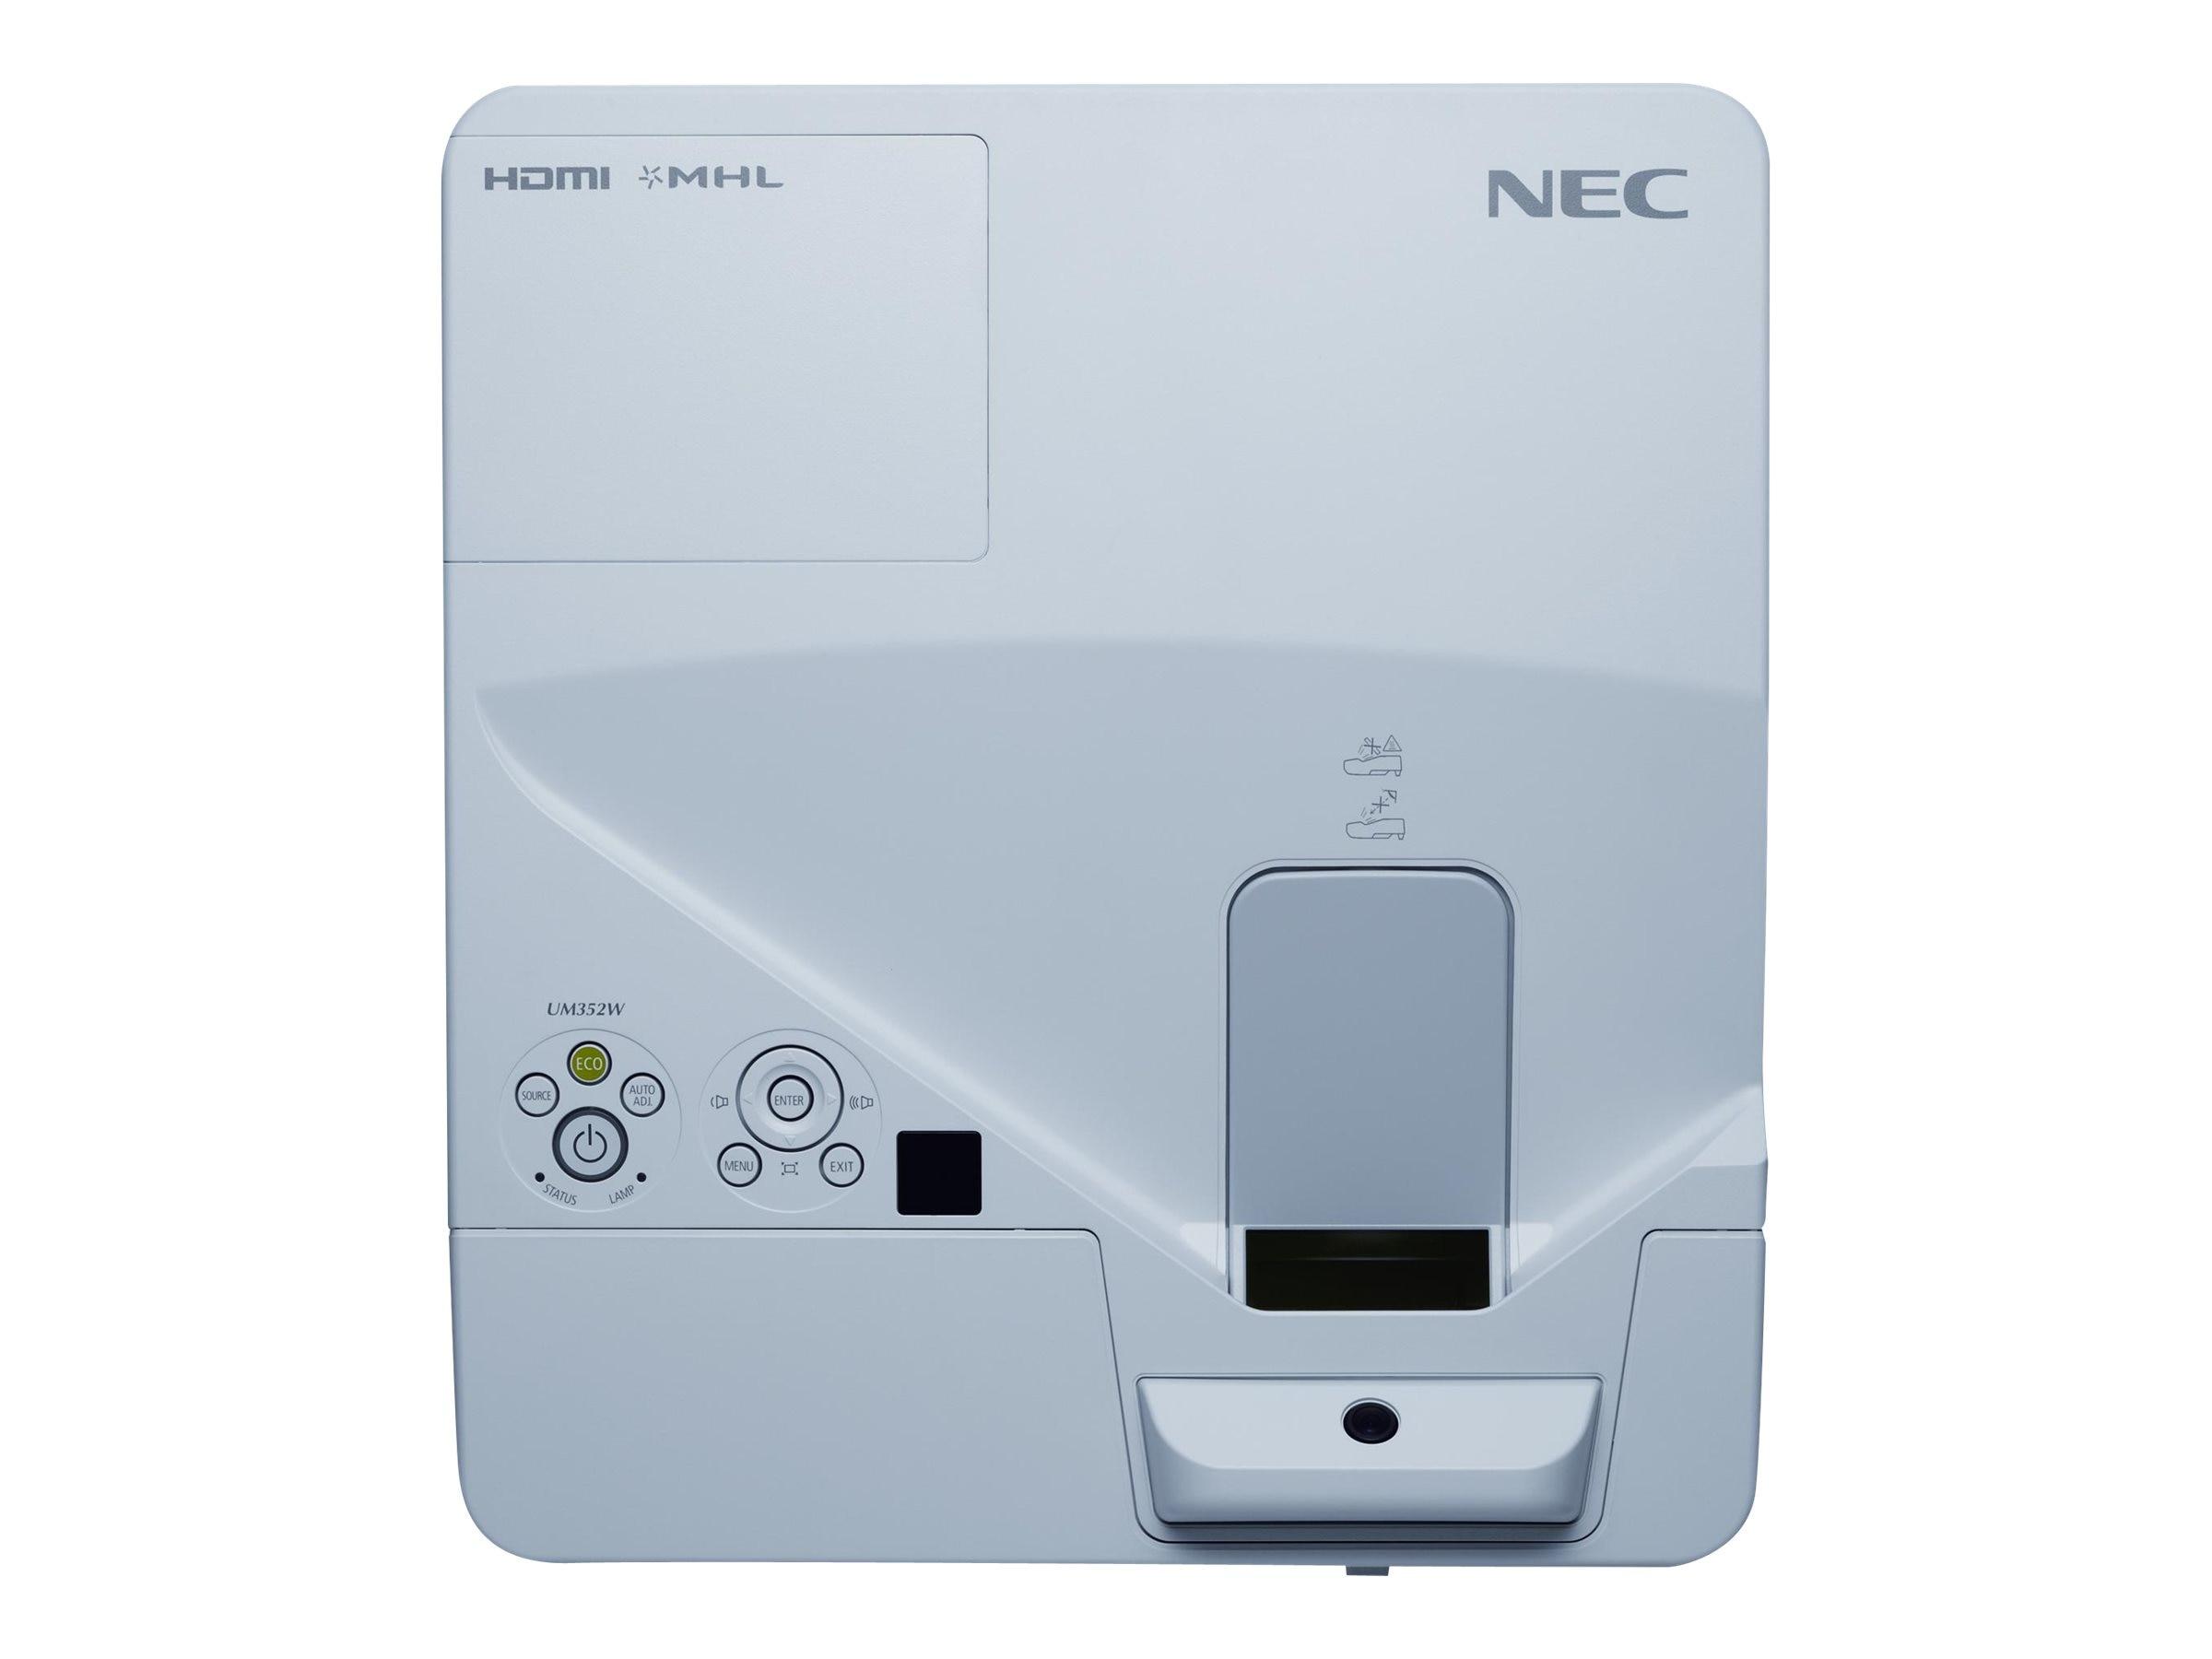 NEC NP-UM352W Image 4